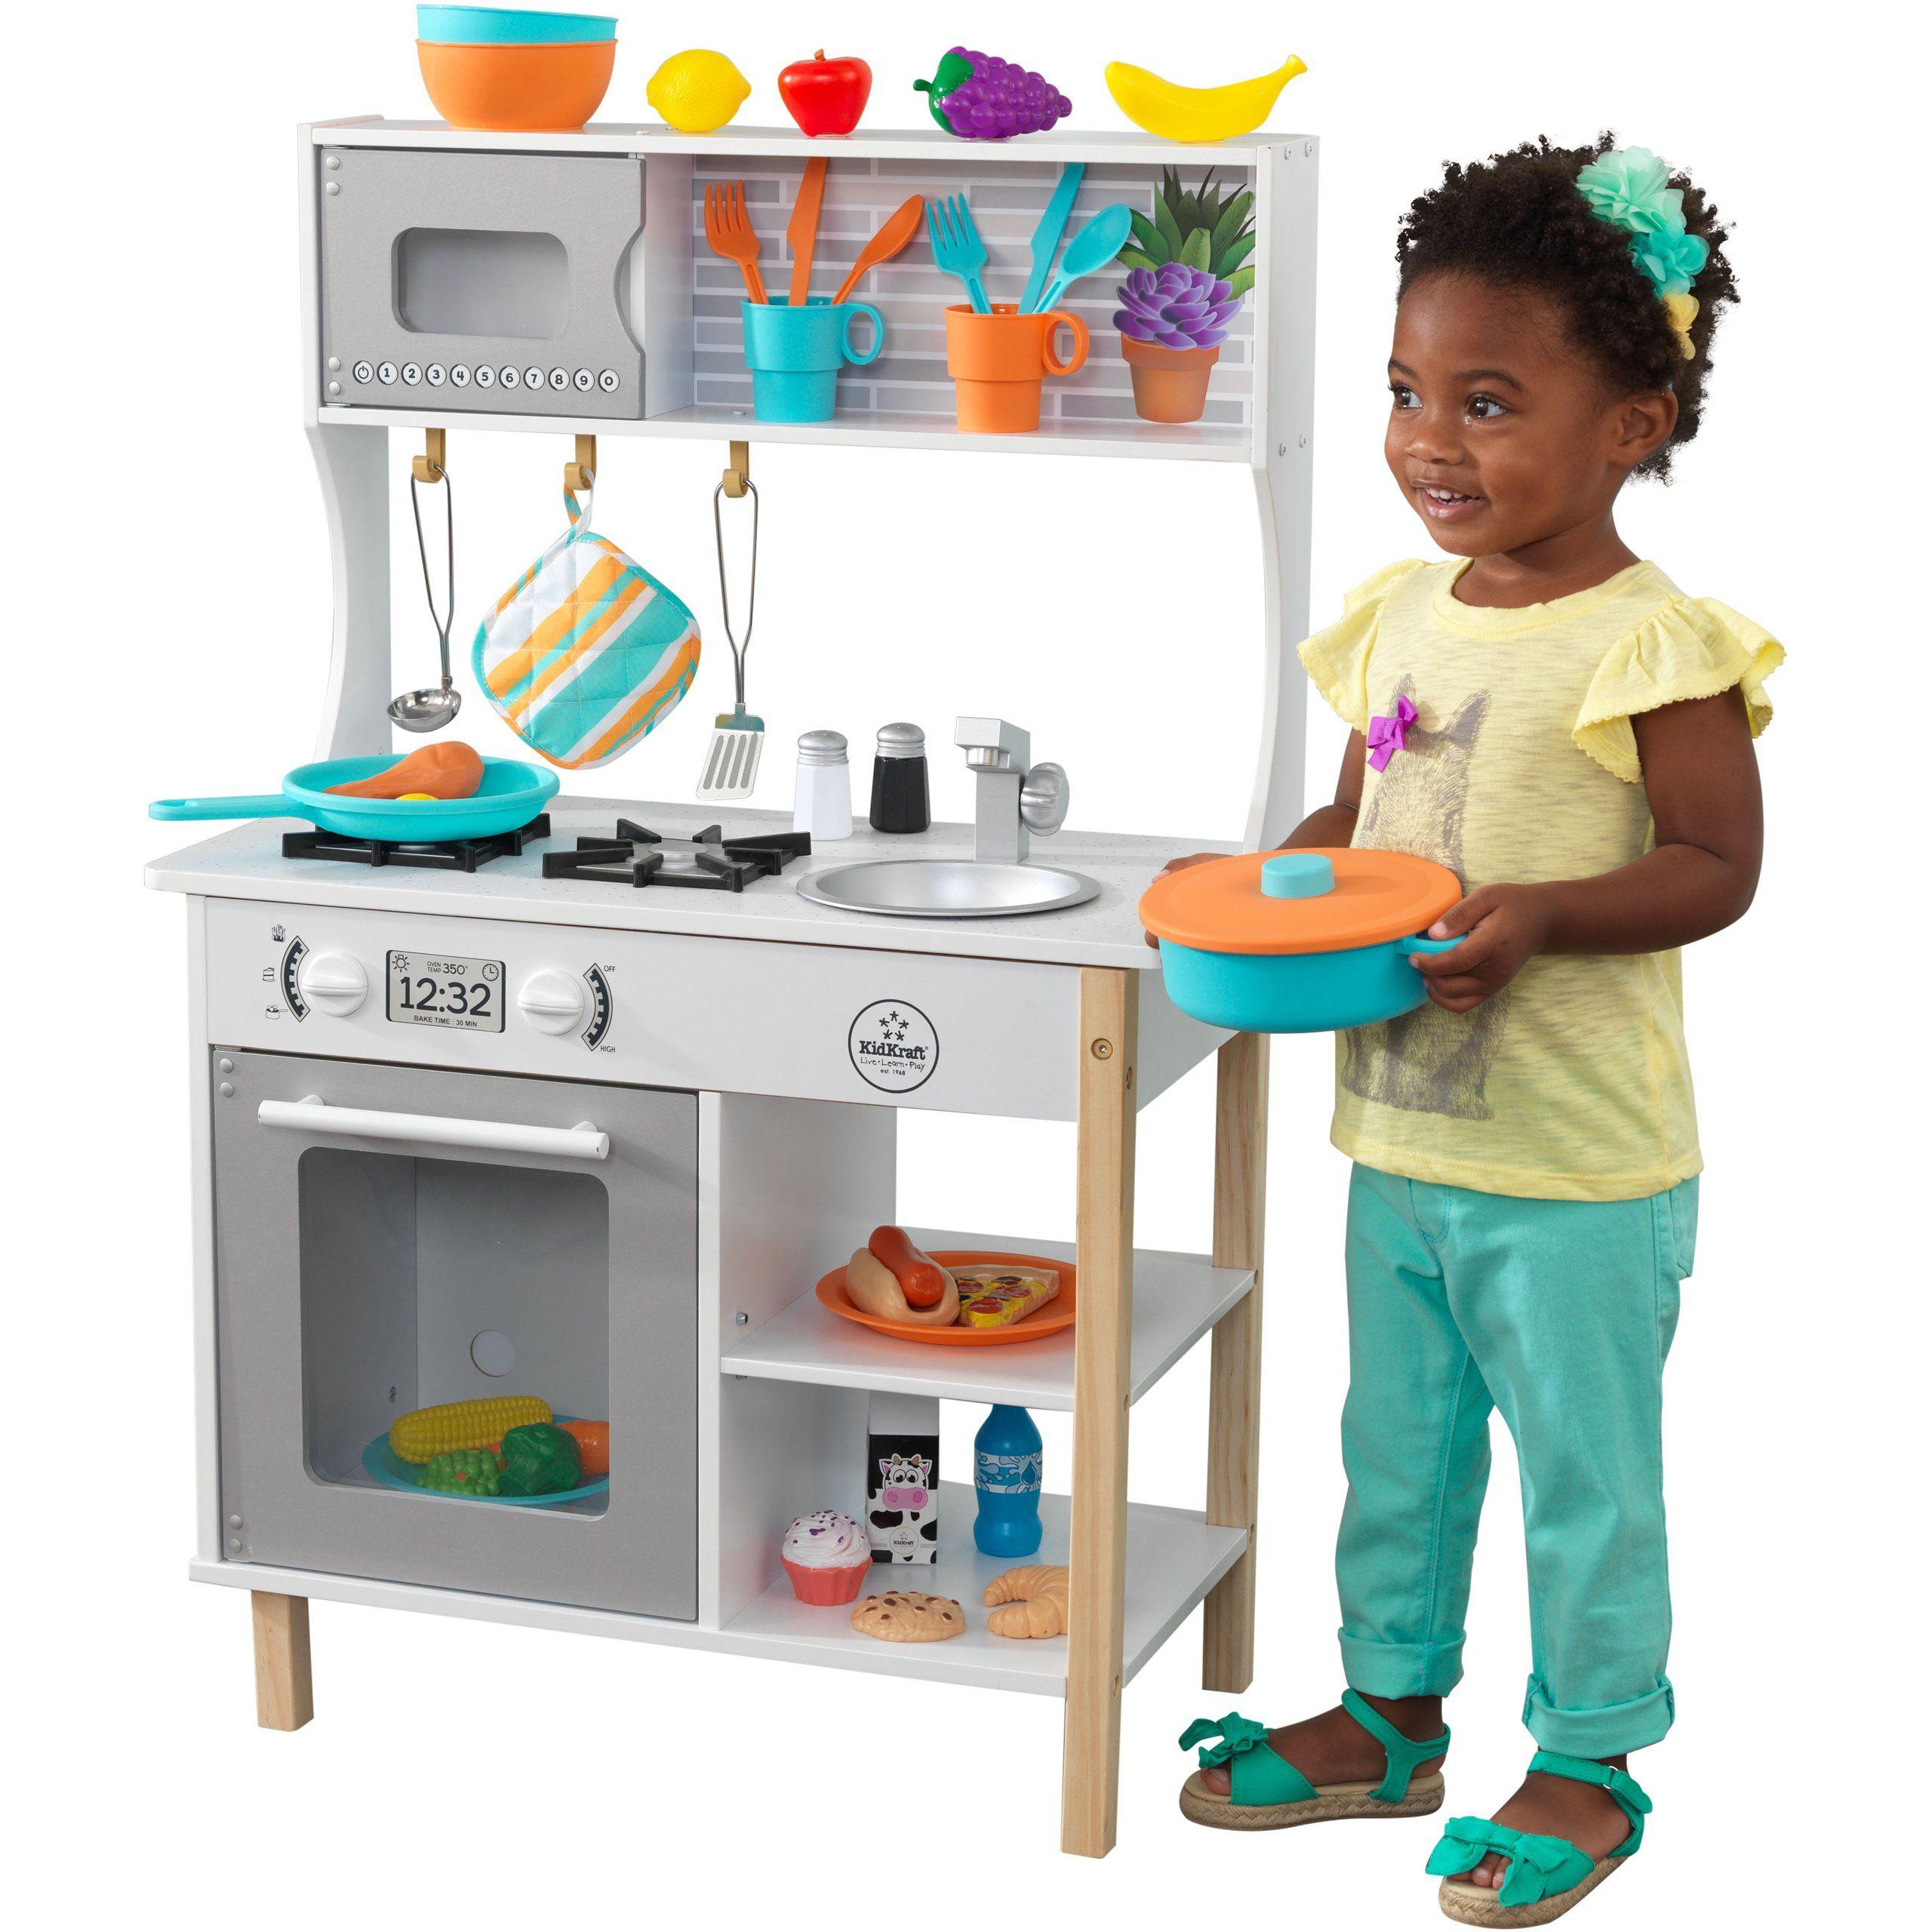 Drewniana Kuchnia Dla Dzieci 39 Akces Kidkraft Brykacze Pl Internetowy Sklep Z Zabawkami Dla Dzieci Play Kitchen Accessories Play Kitchen Wooden Play Kitchen